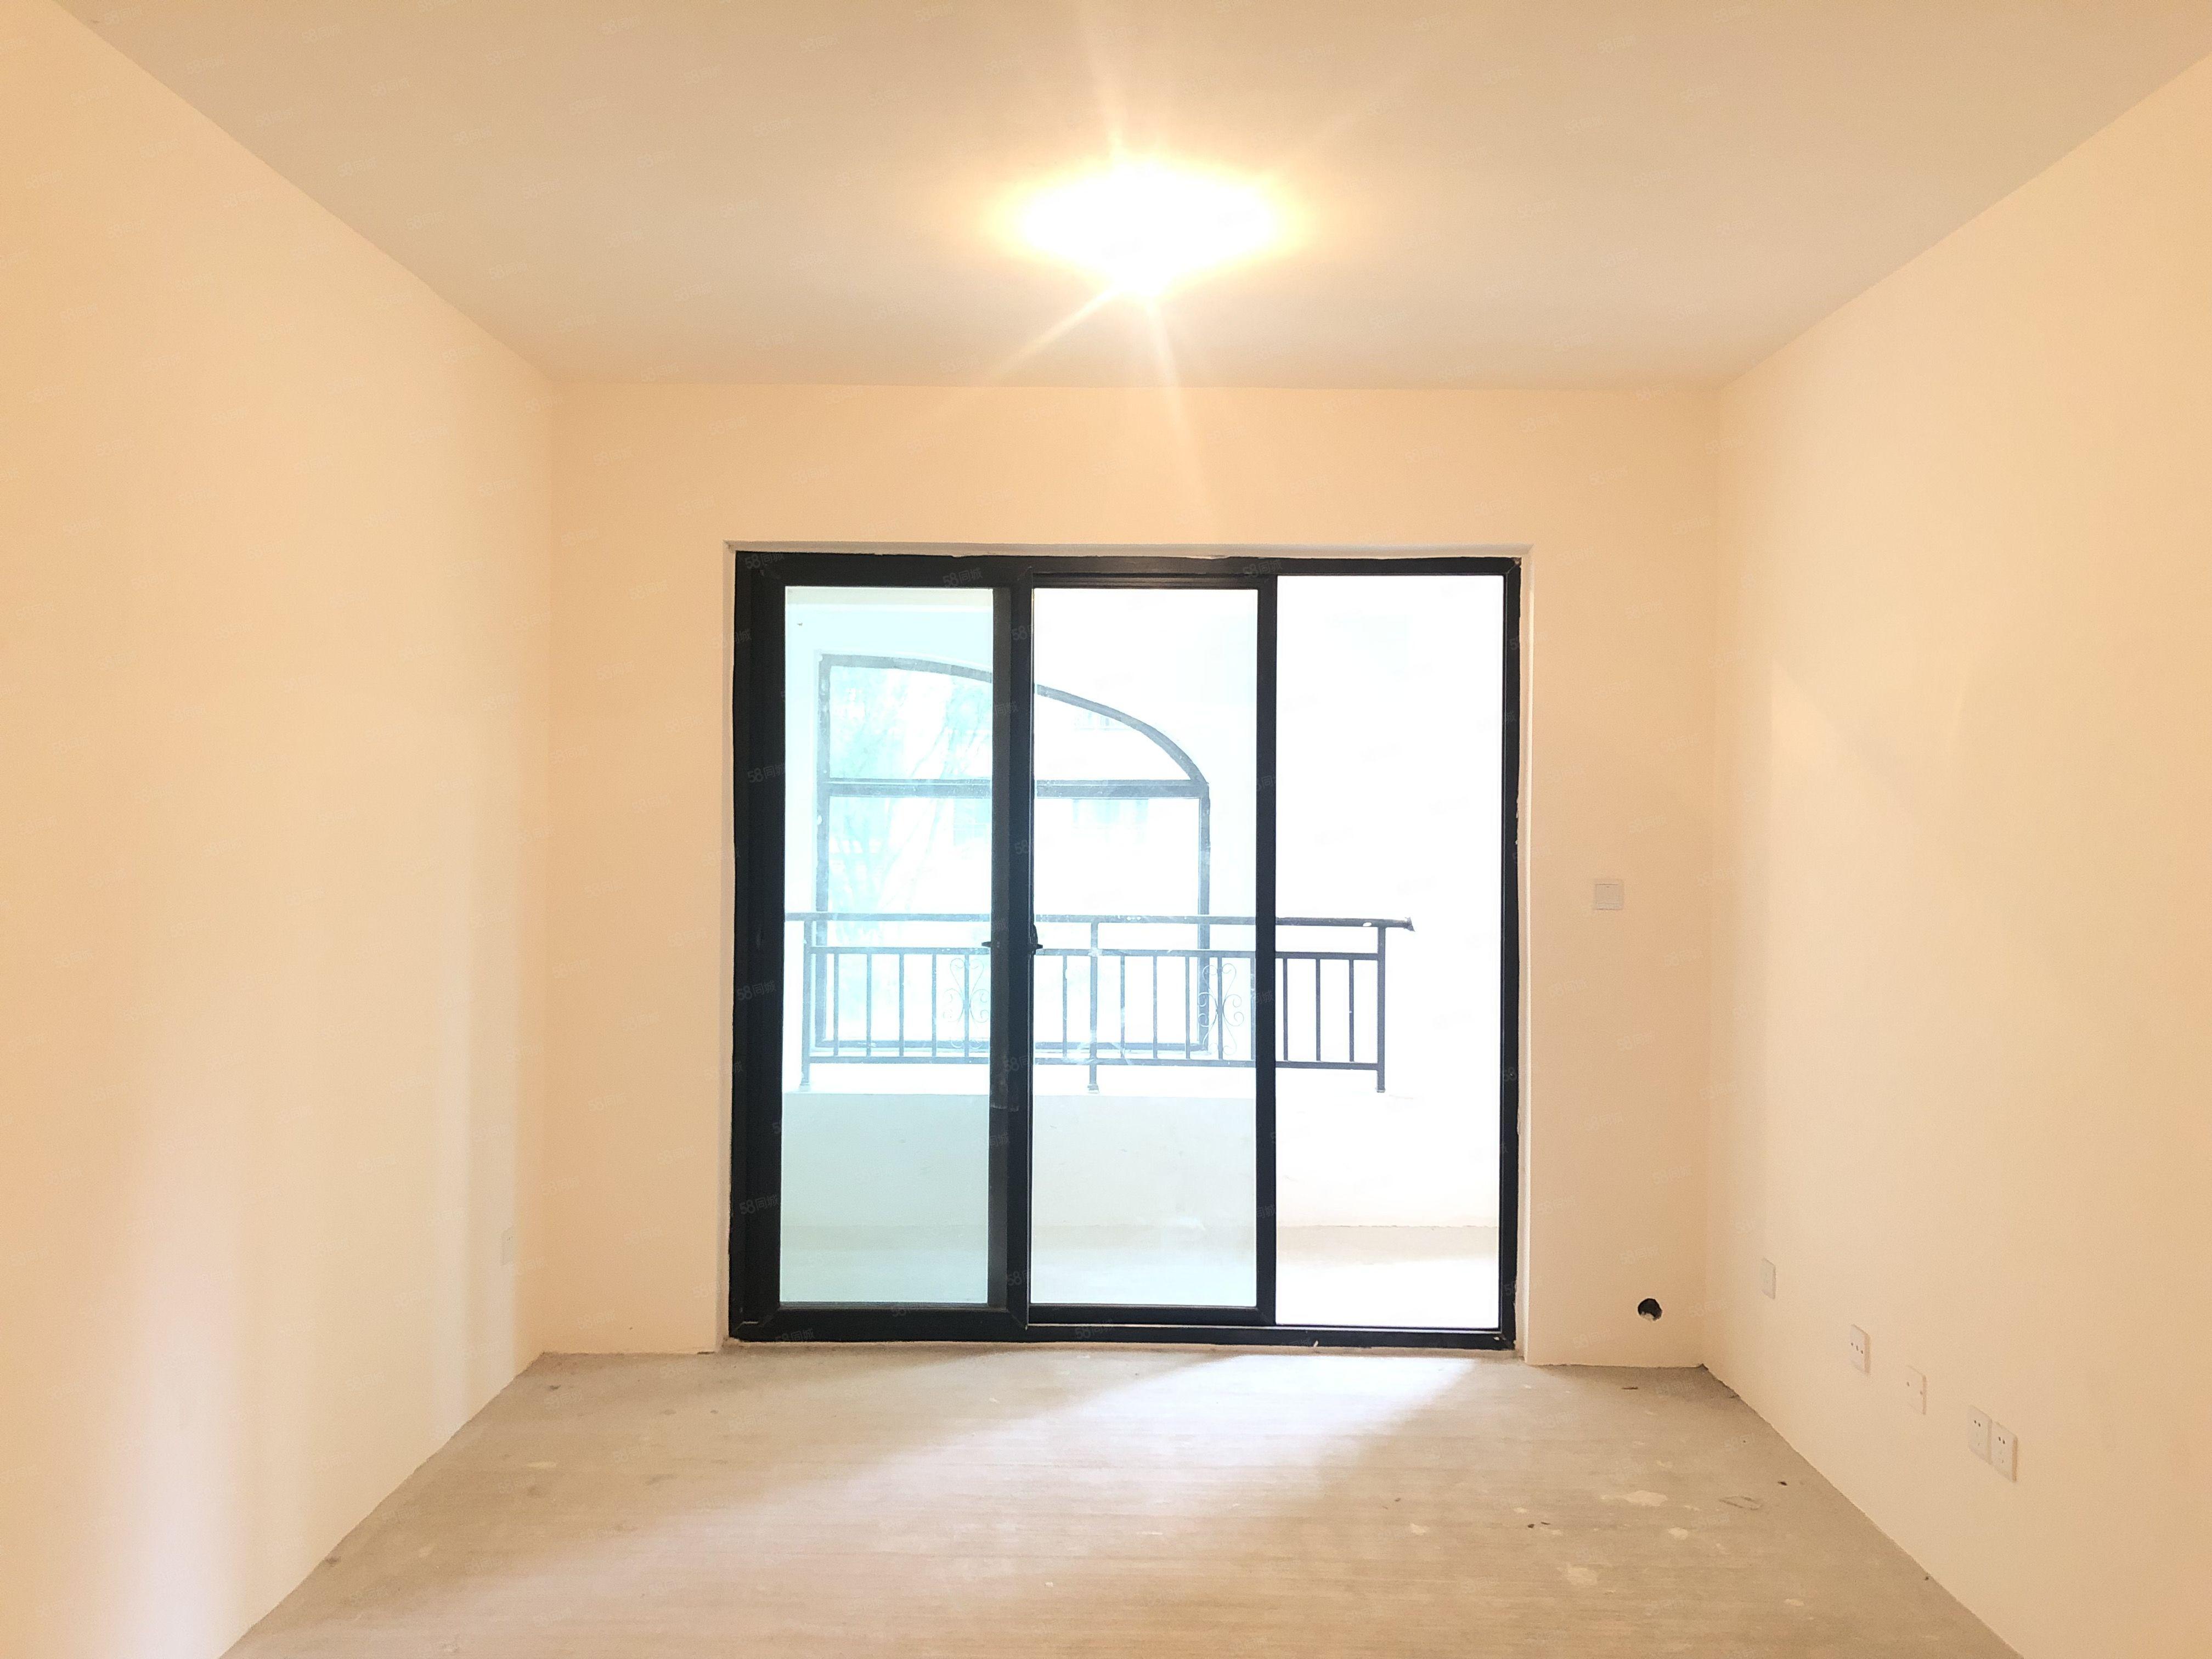 清水大套三客厅主卧带阳台首付20万可按揭手慢无单价美